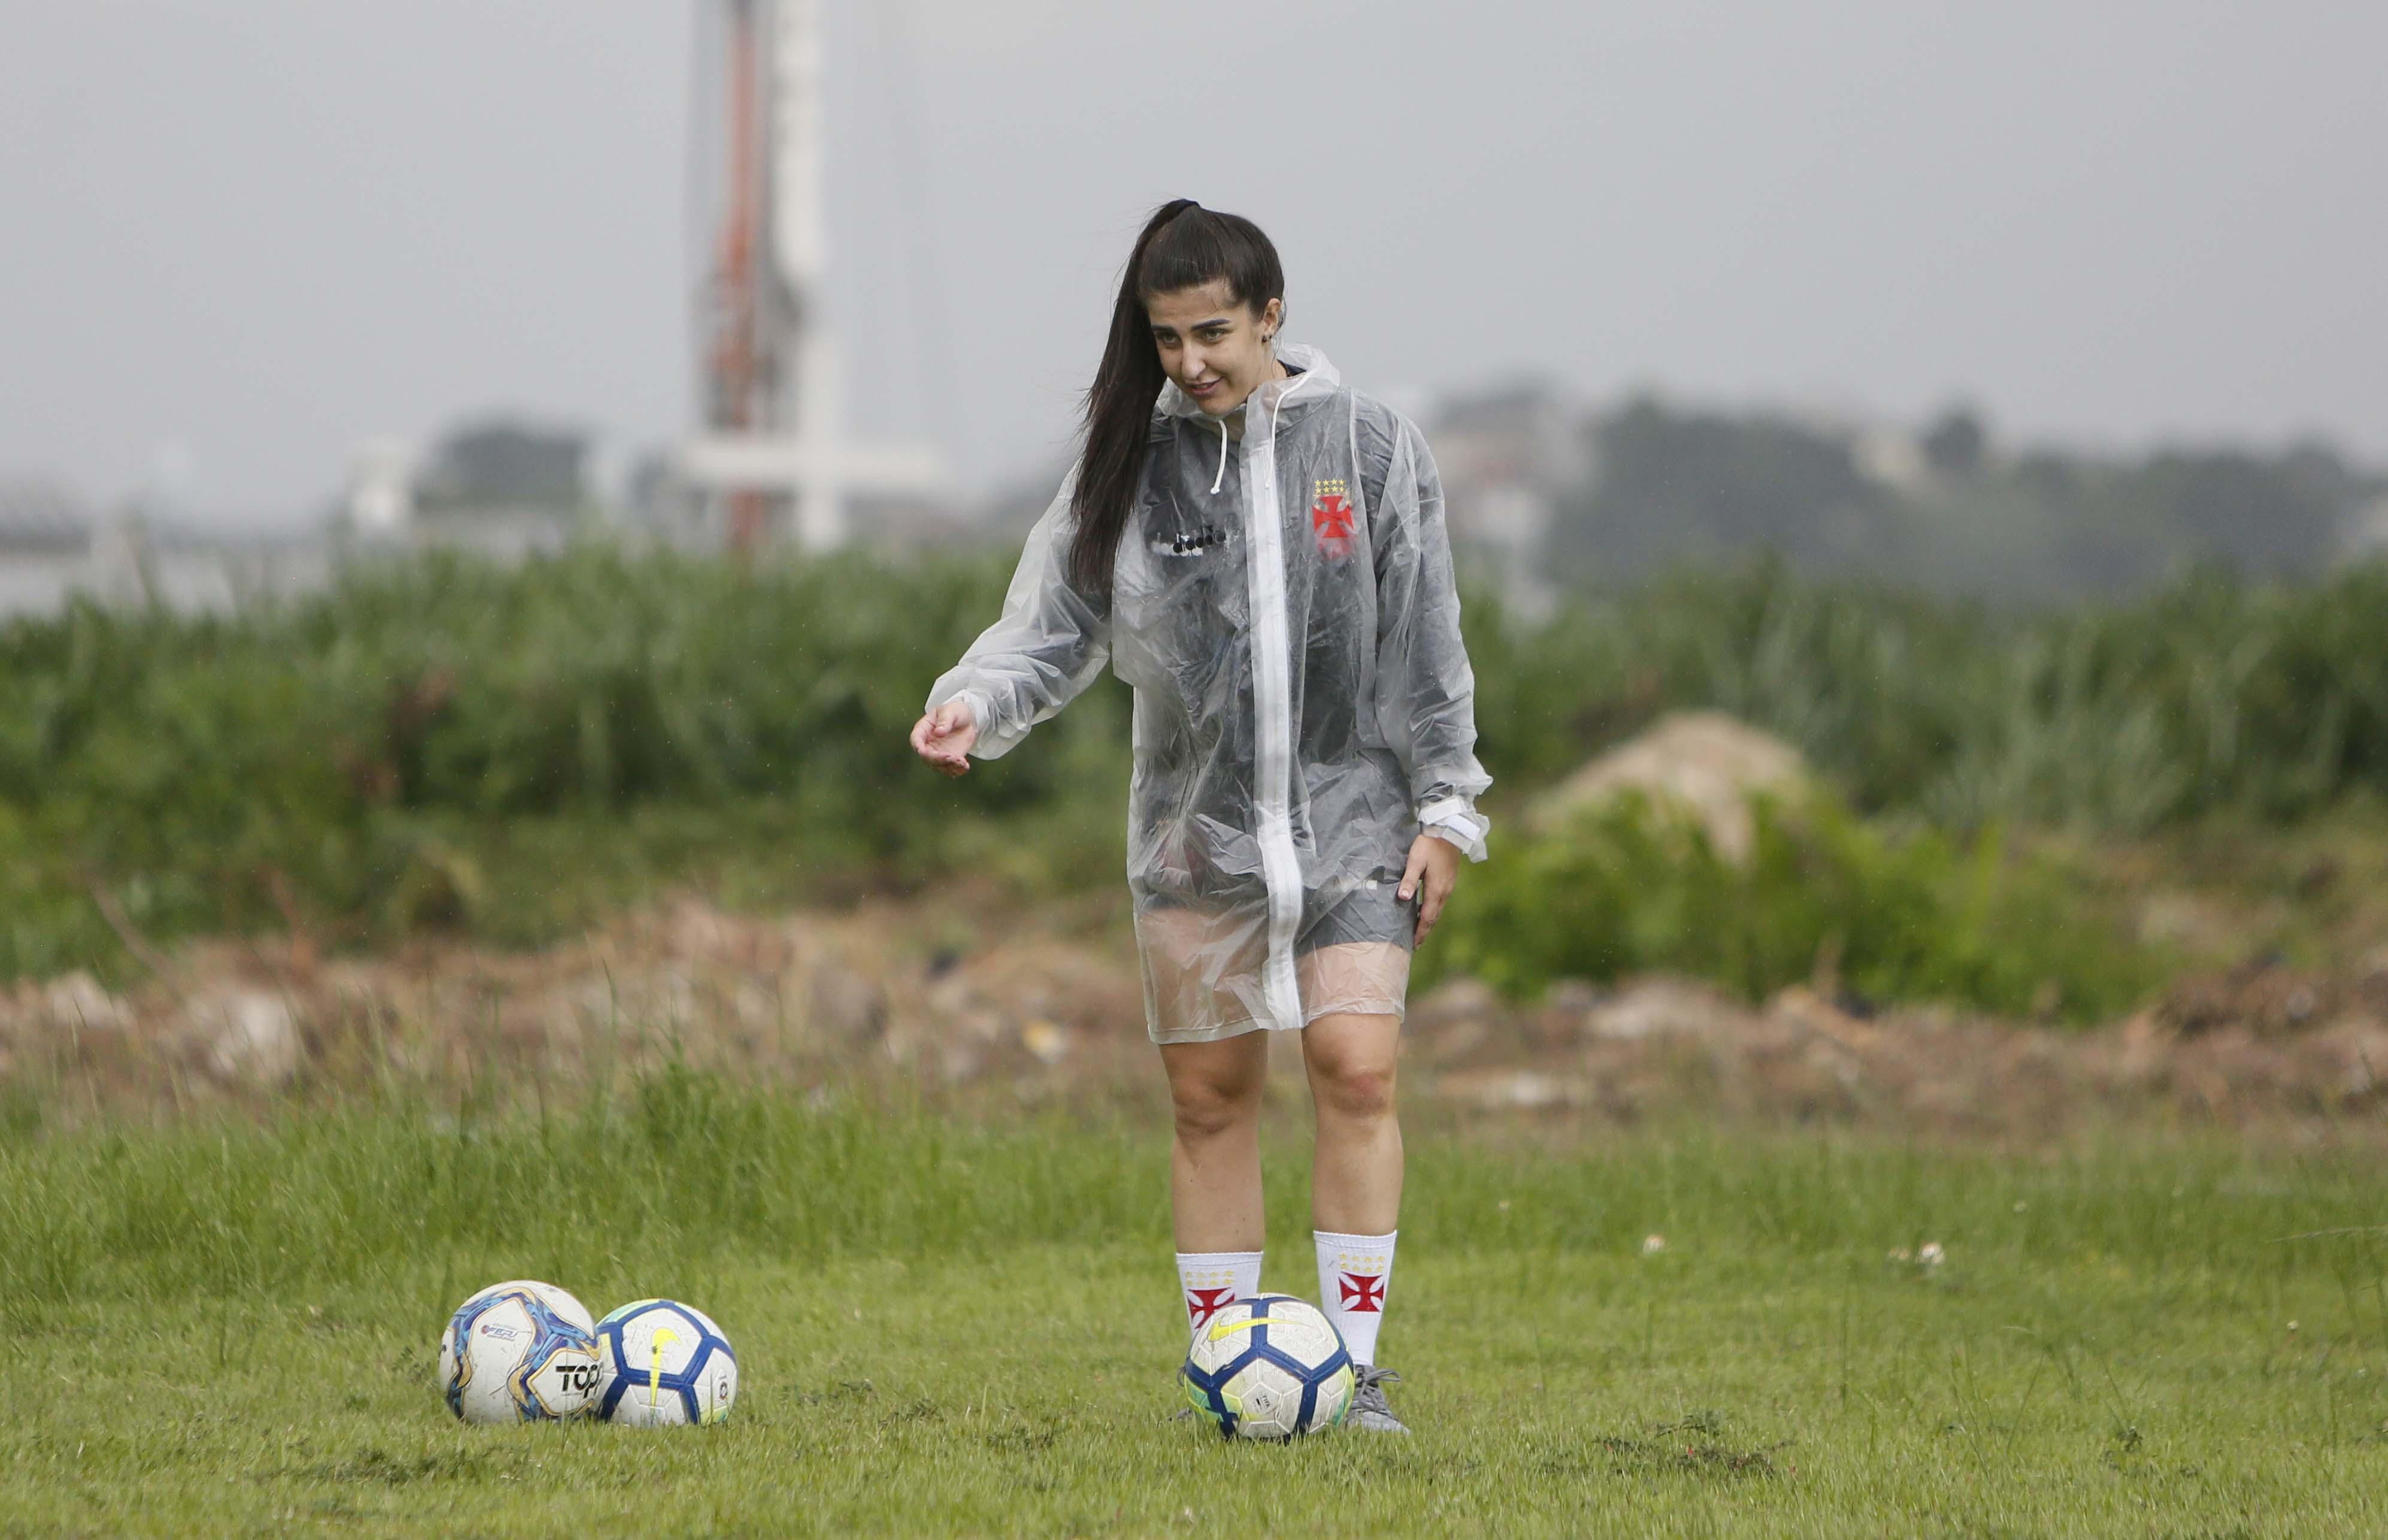 Jaqueane durante um dos treinamentos das Meninas da Colina antes da pandemia